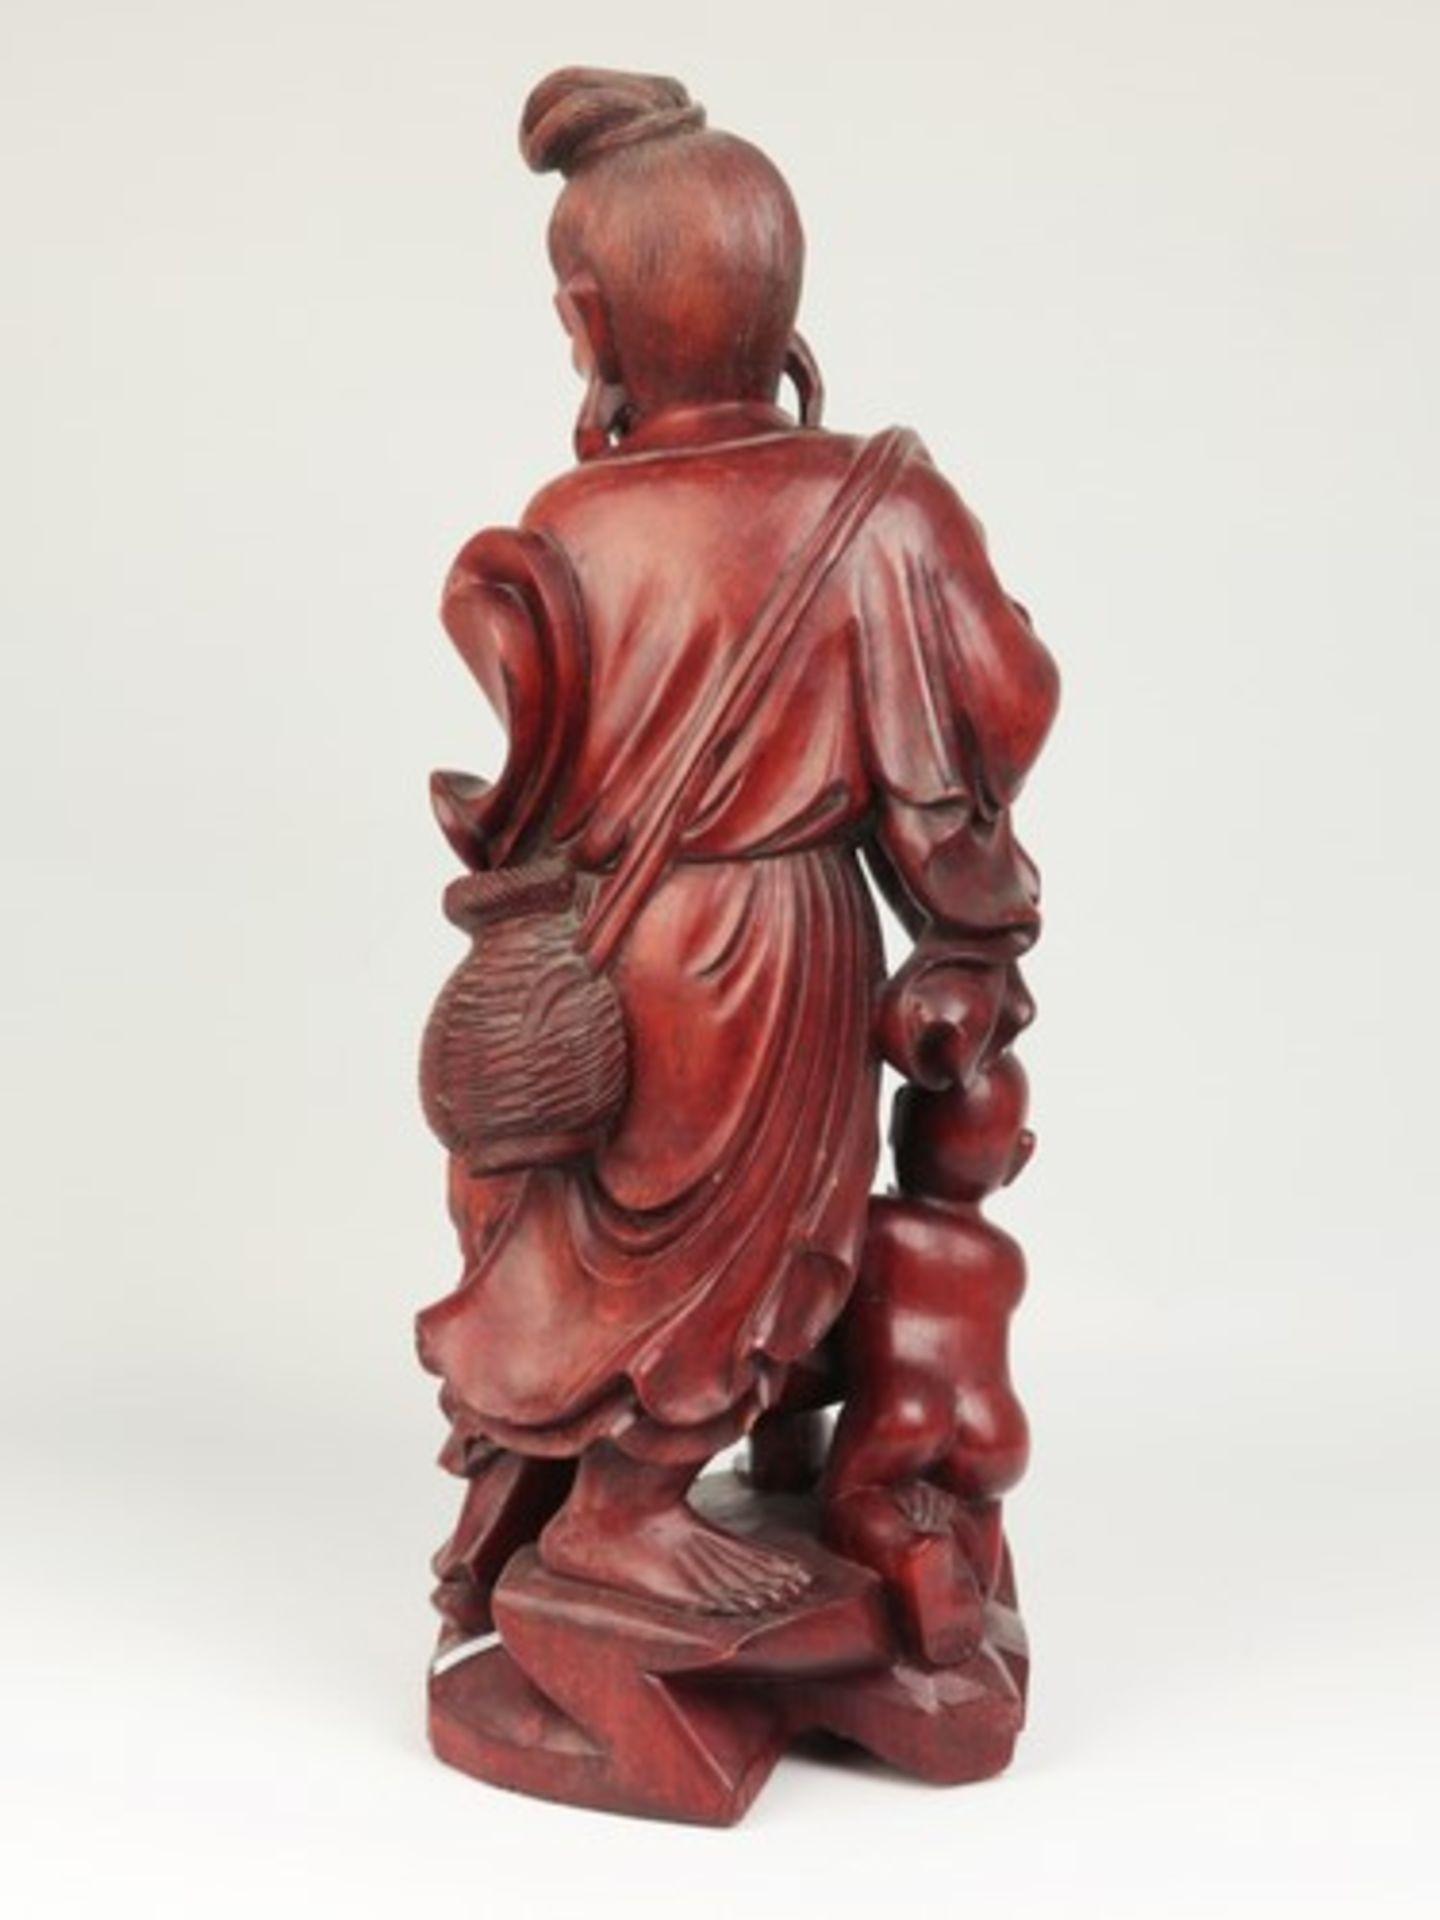 Holzfigur - China20.Jh., vollplastische Holzschnitzerei, Hartholz, Glasaugen, Fischer m. zwei - Bild 2 aus 8